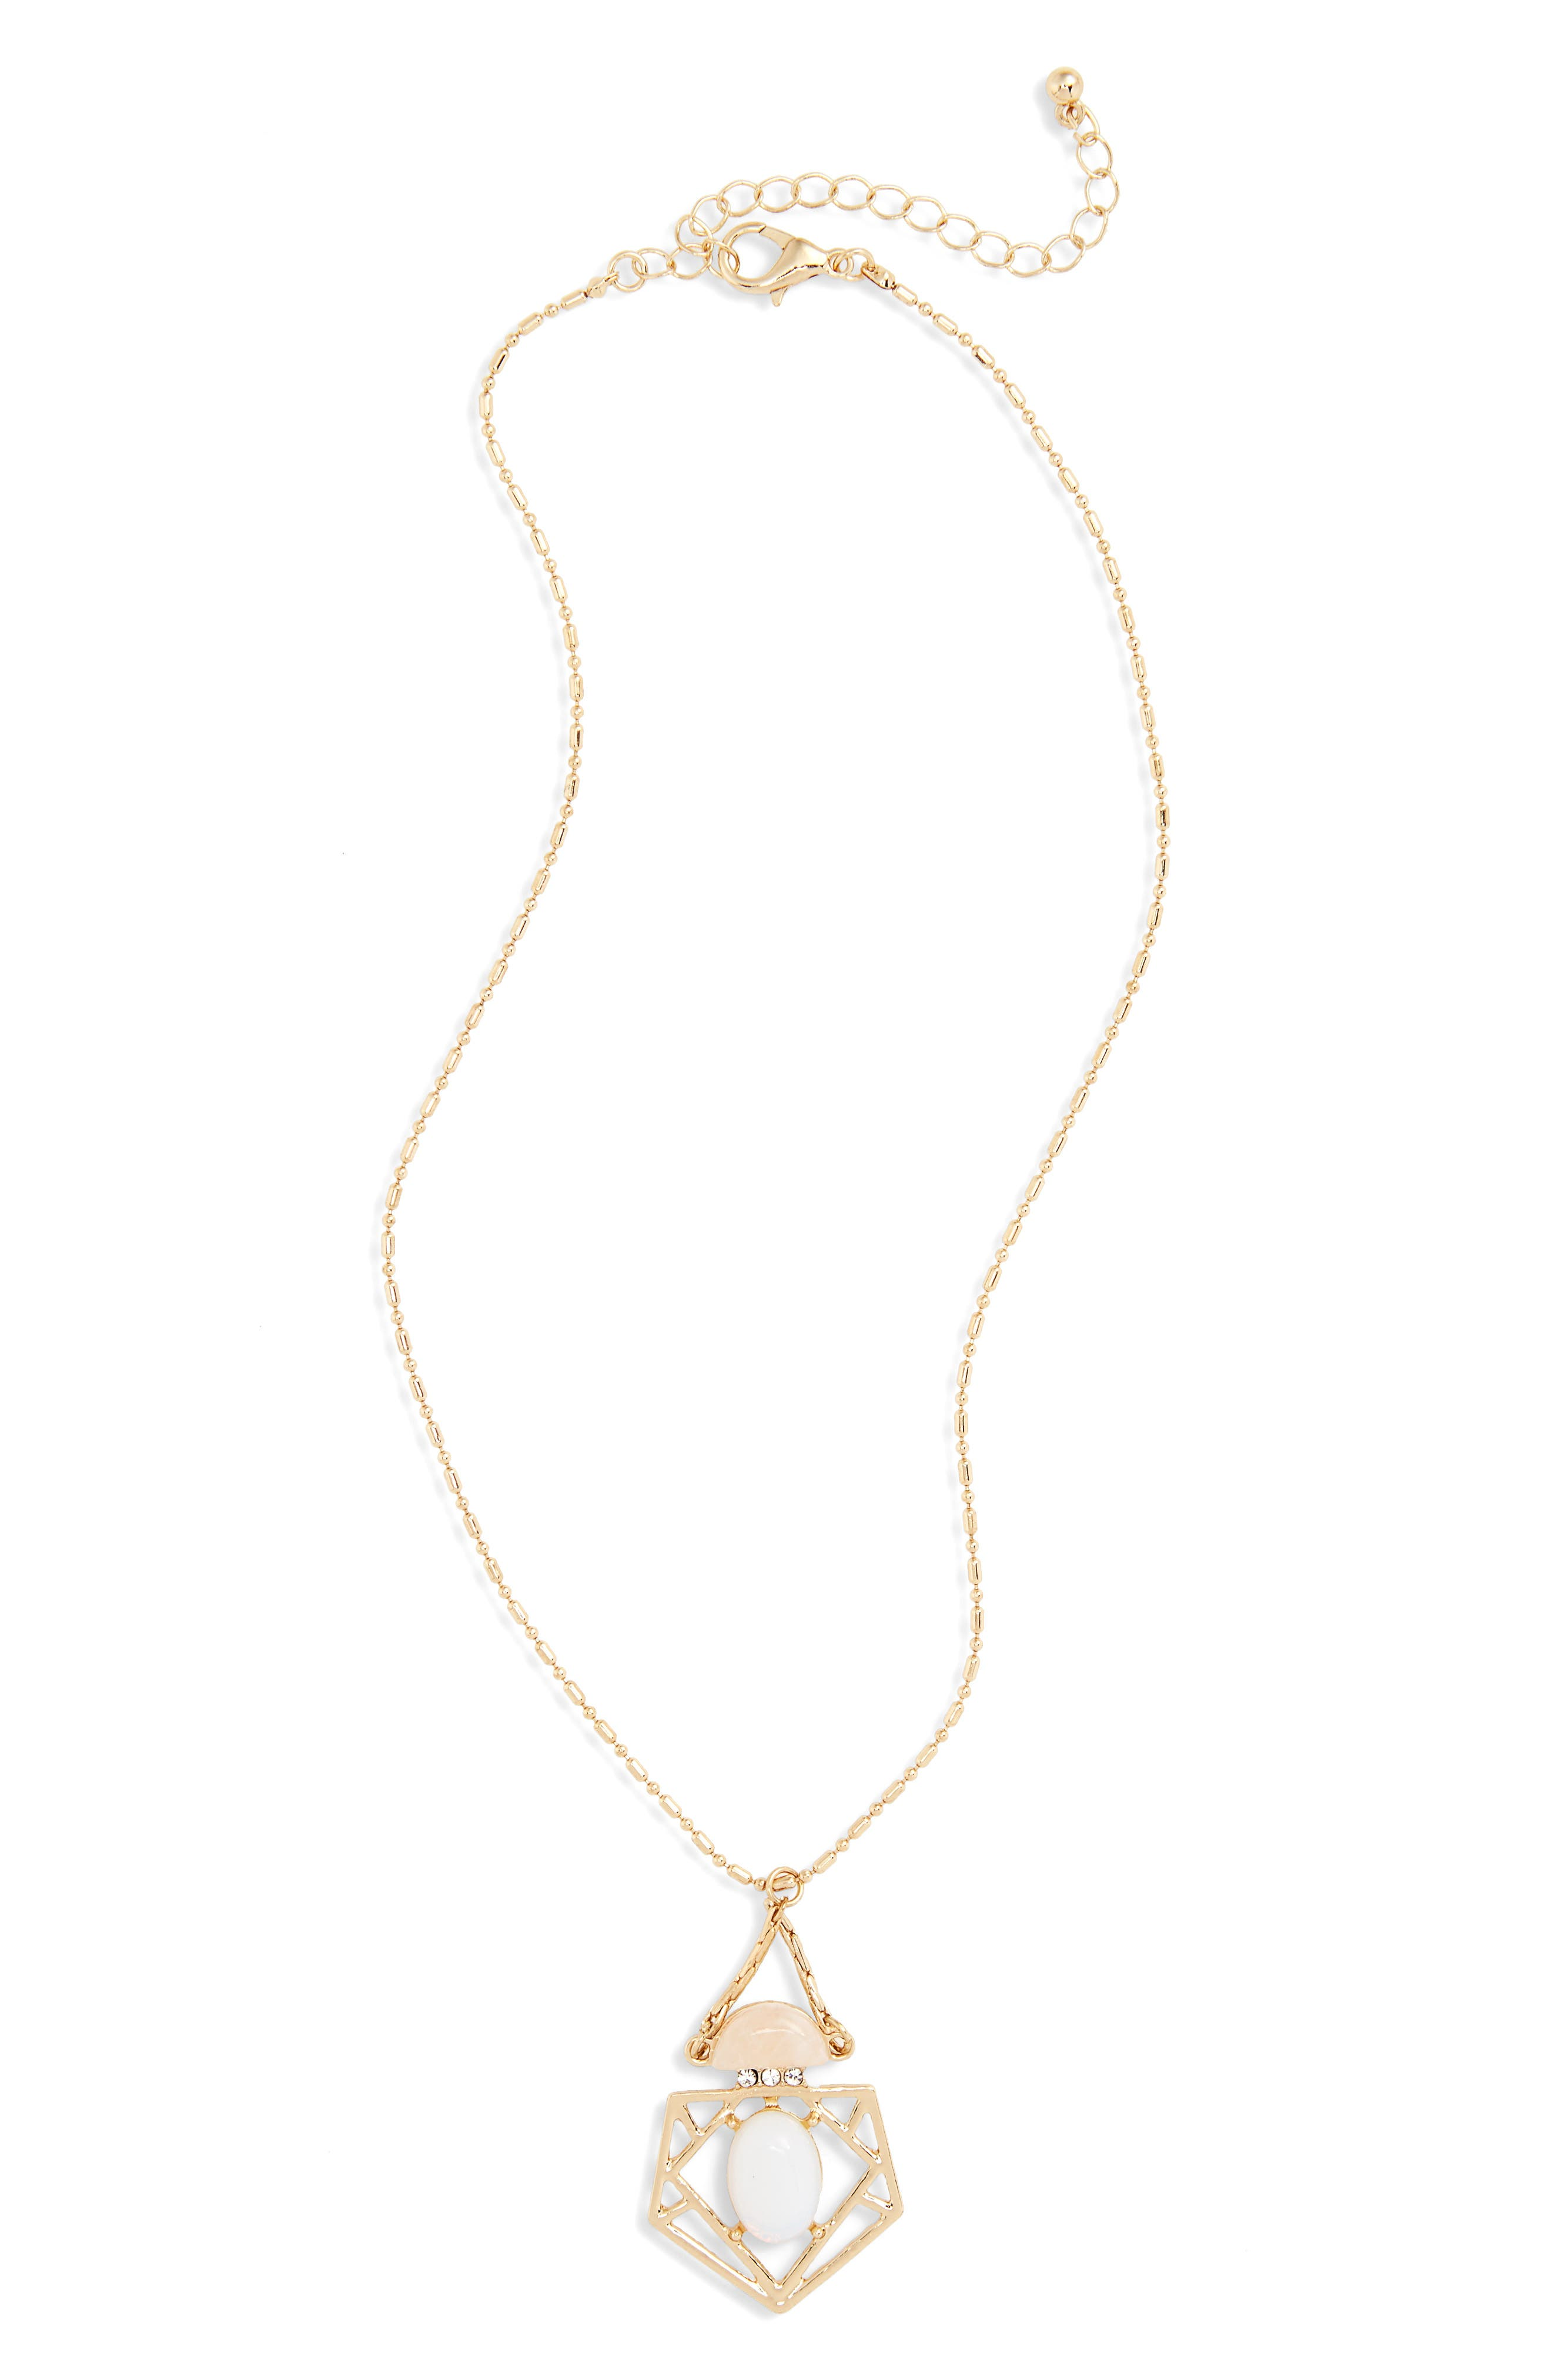 Quartz Geometric Pendant Necklace,                             Main thumbnail 1, color,                             Gold